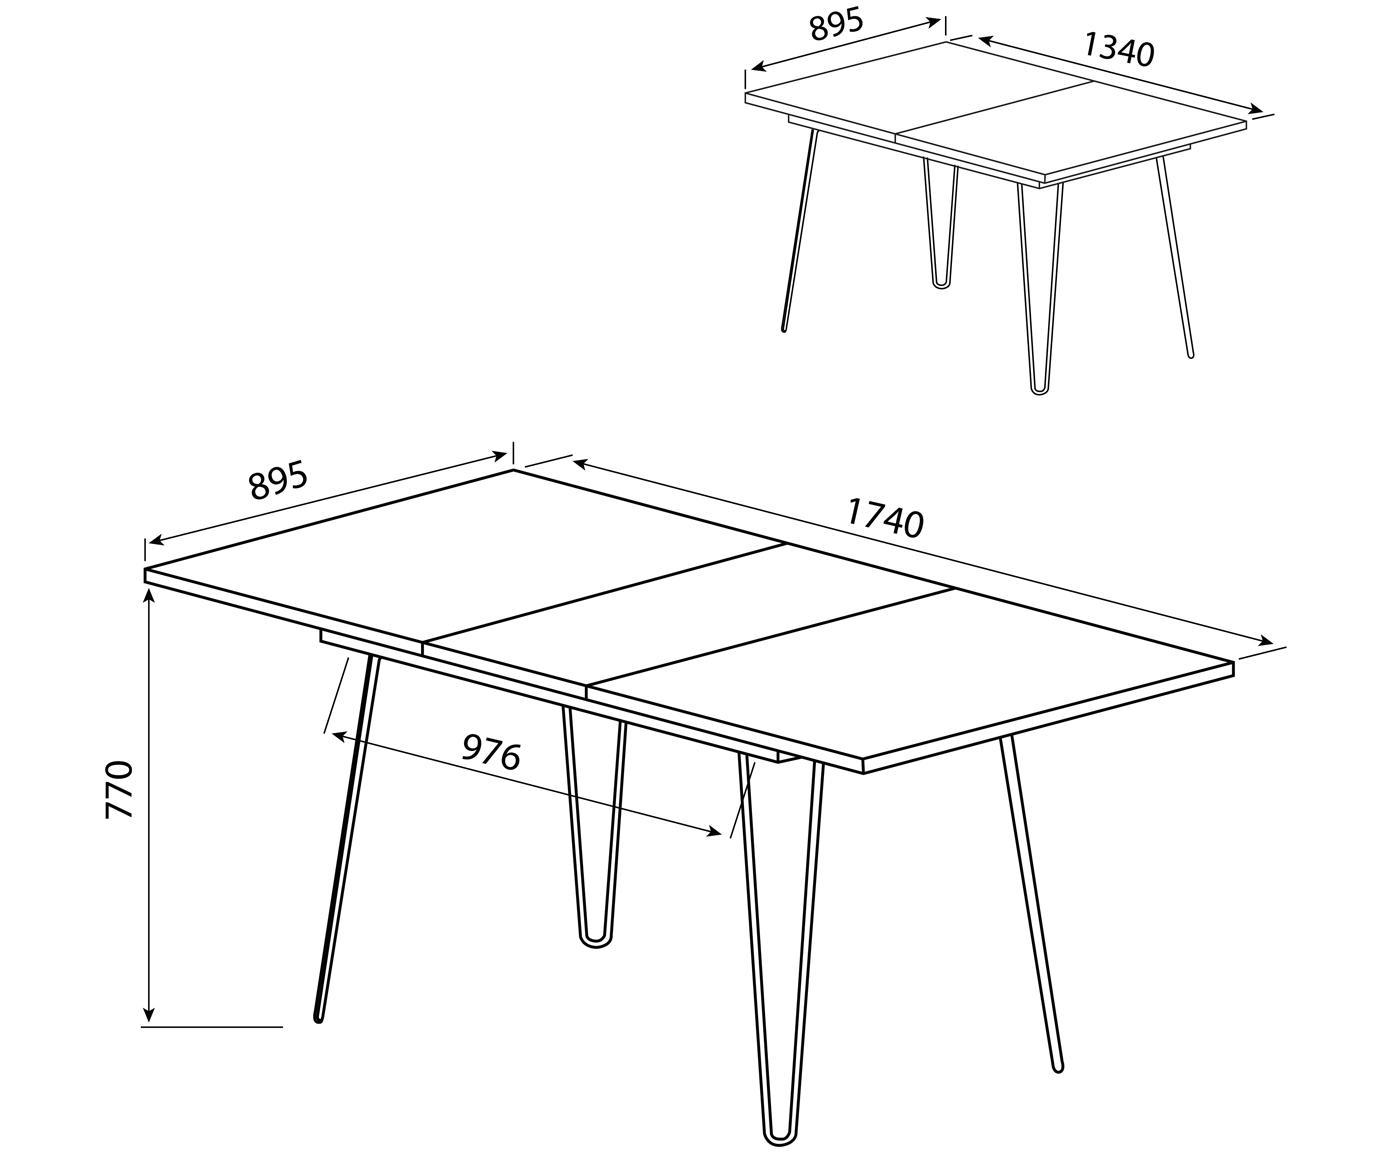 Ausziehbarer Esstisch Aero, Beine: Metall, lackiert, Walnussholz, B 134 bis 174 x T 90 cm